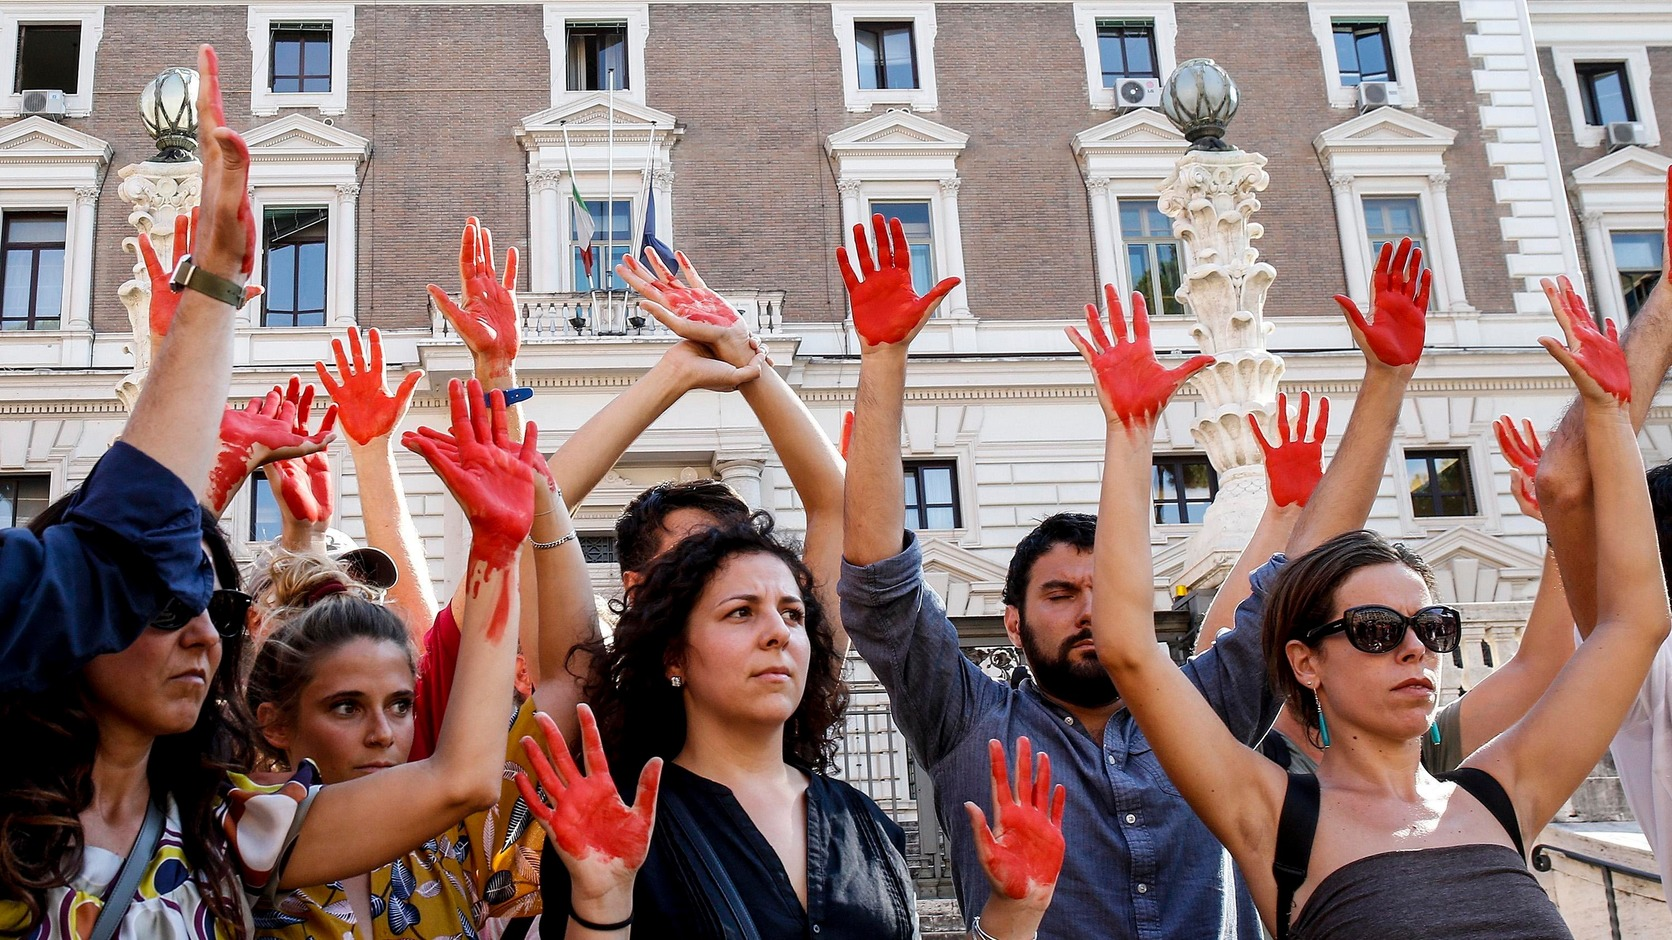 Róma, 2018. július 18. Az olasz Radikális Párt (PR) támogatói pirosra festett tenyérrel tüntetnek a Matteo Salvini olasz belügyminiszter által képviselt politikai irányvonal ellen a belügyminisztérium székháza előtt Rómában 2018. július 18-án. (MTI/EPA/Fabio Frustaci)